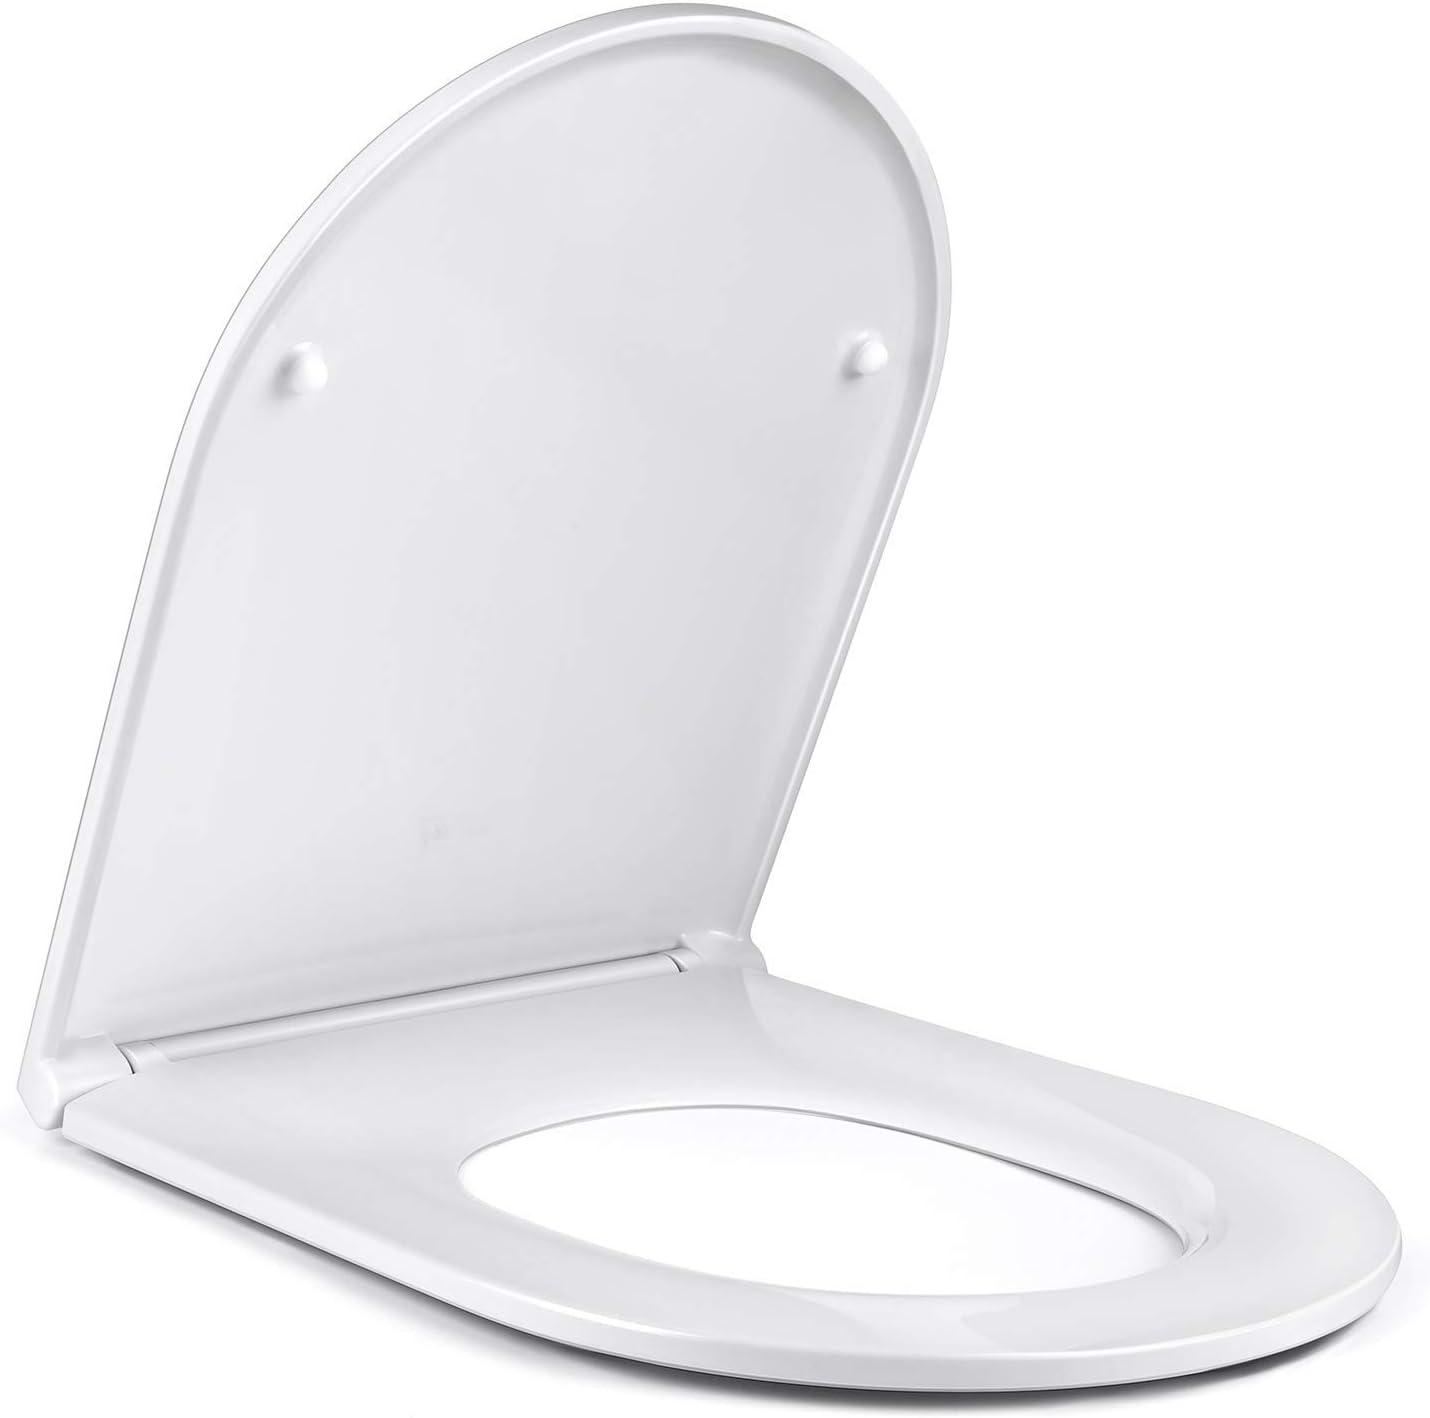 Calcolo Asina Sedili WC Chiusura Ammortizzata Oval Coprivaso con Clip Standard Copriwater per Famiglia